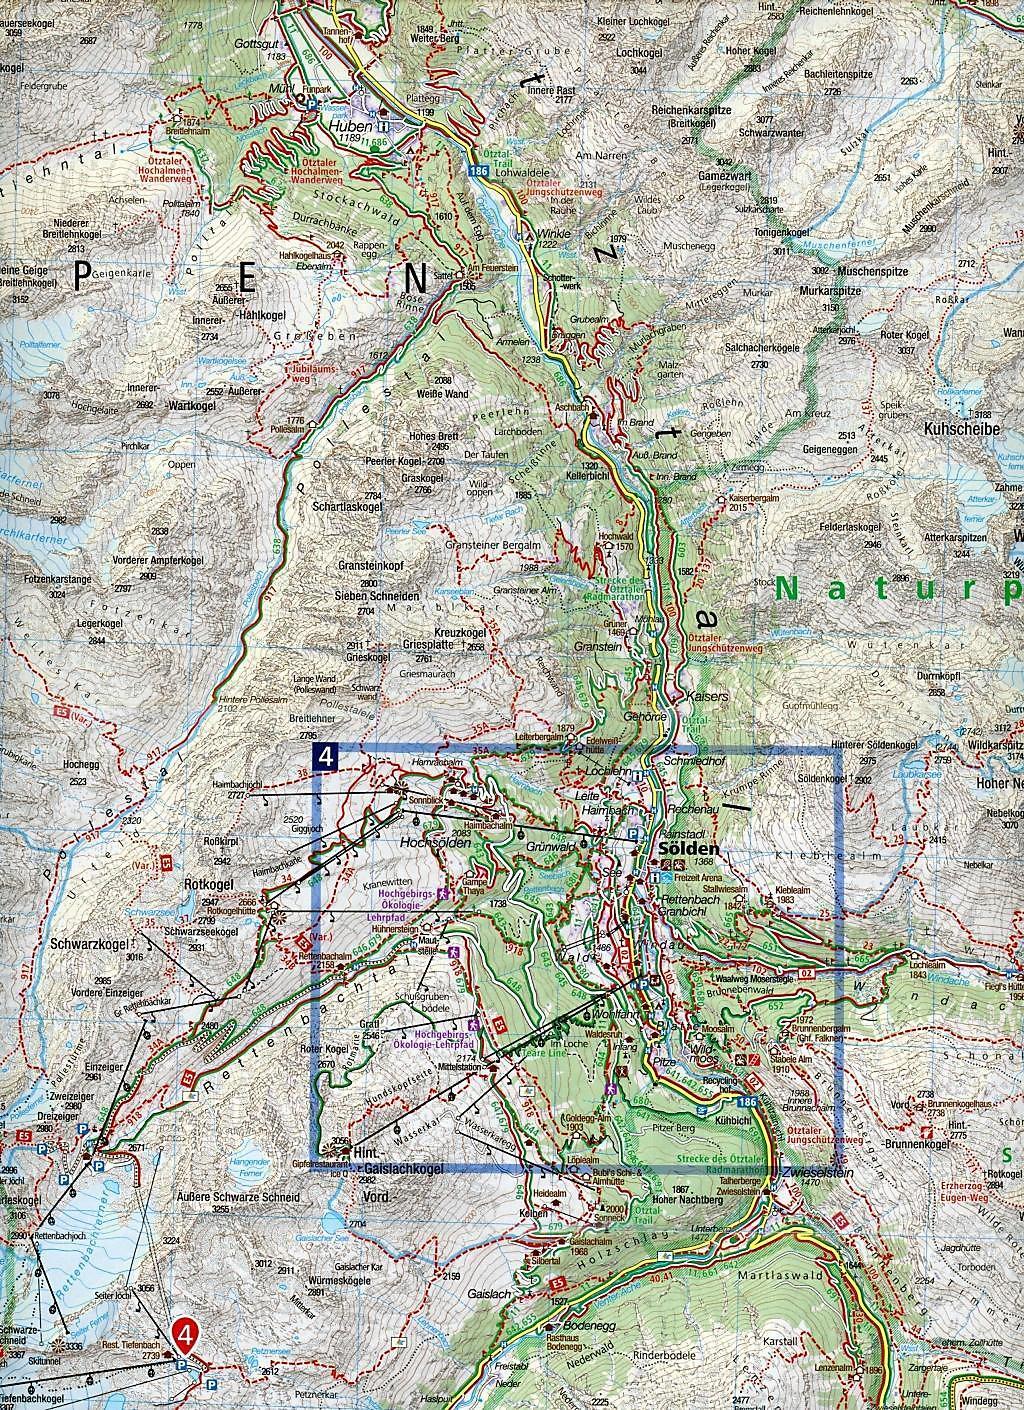 Pitztal Karte.Kompass Karte ötztaler Alpen ötztal Pitztal Buch Portofrei